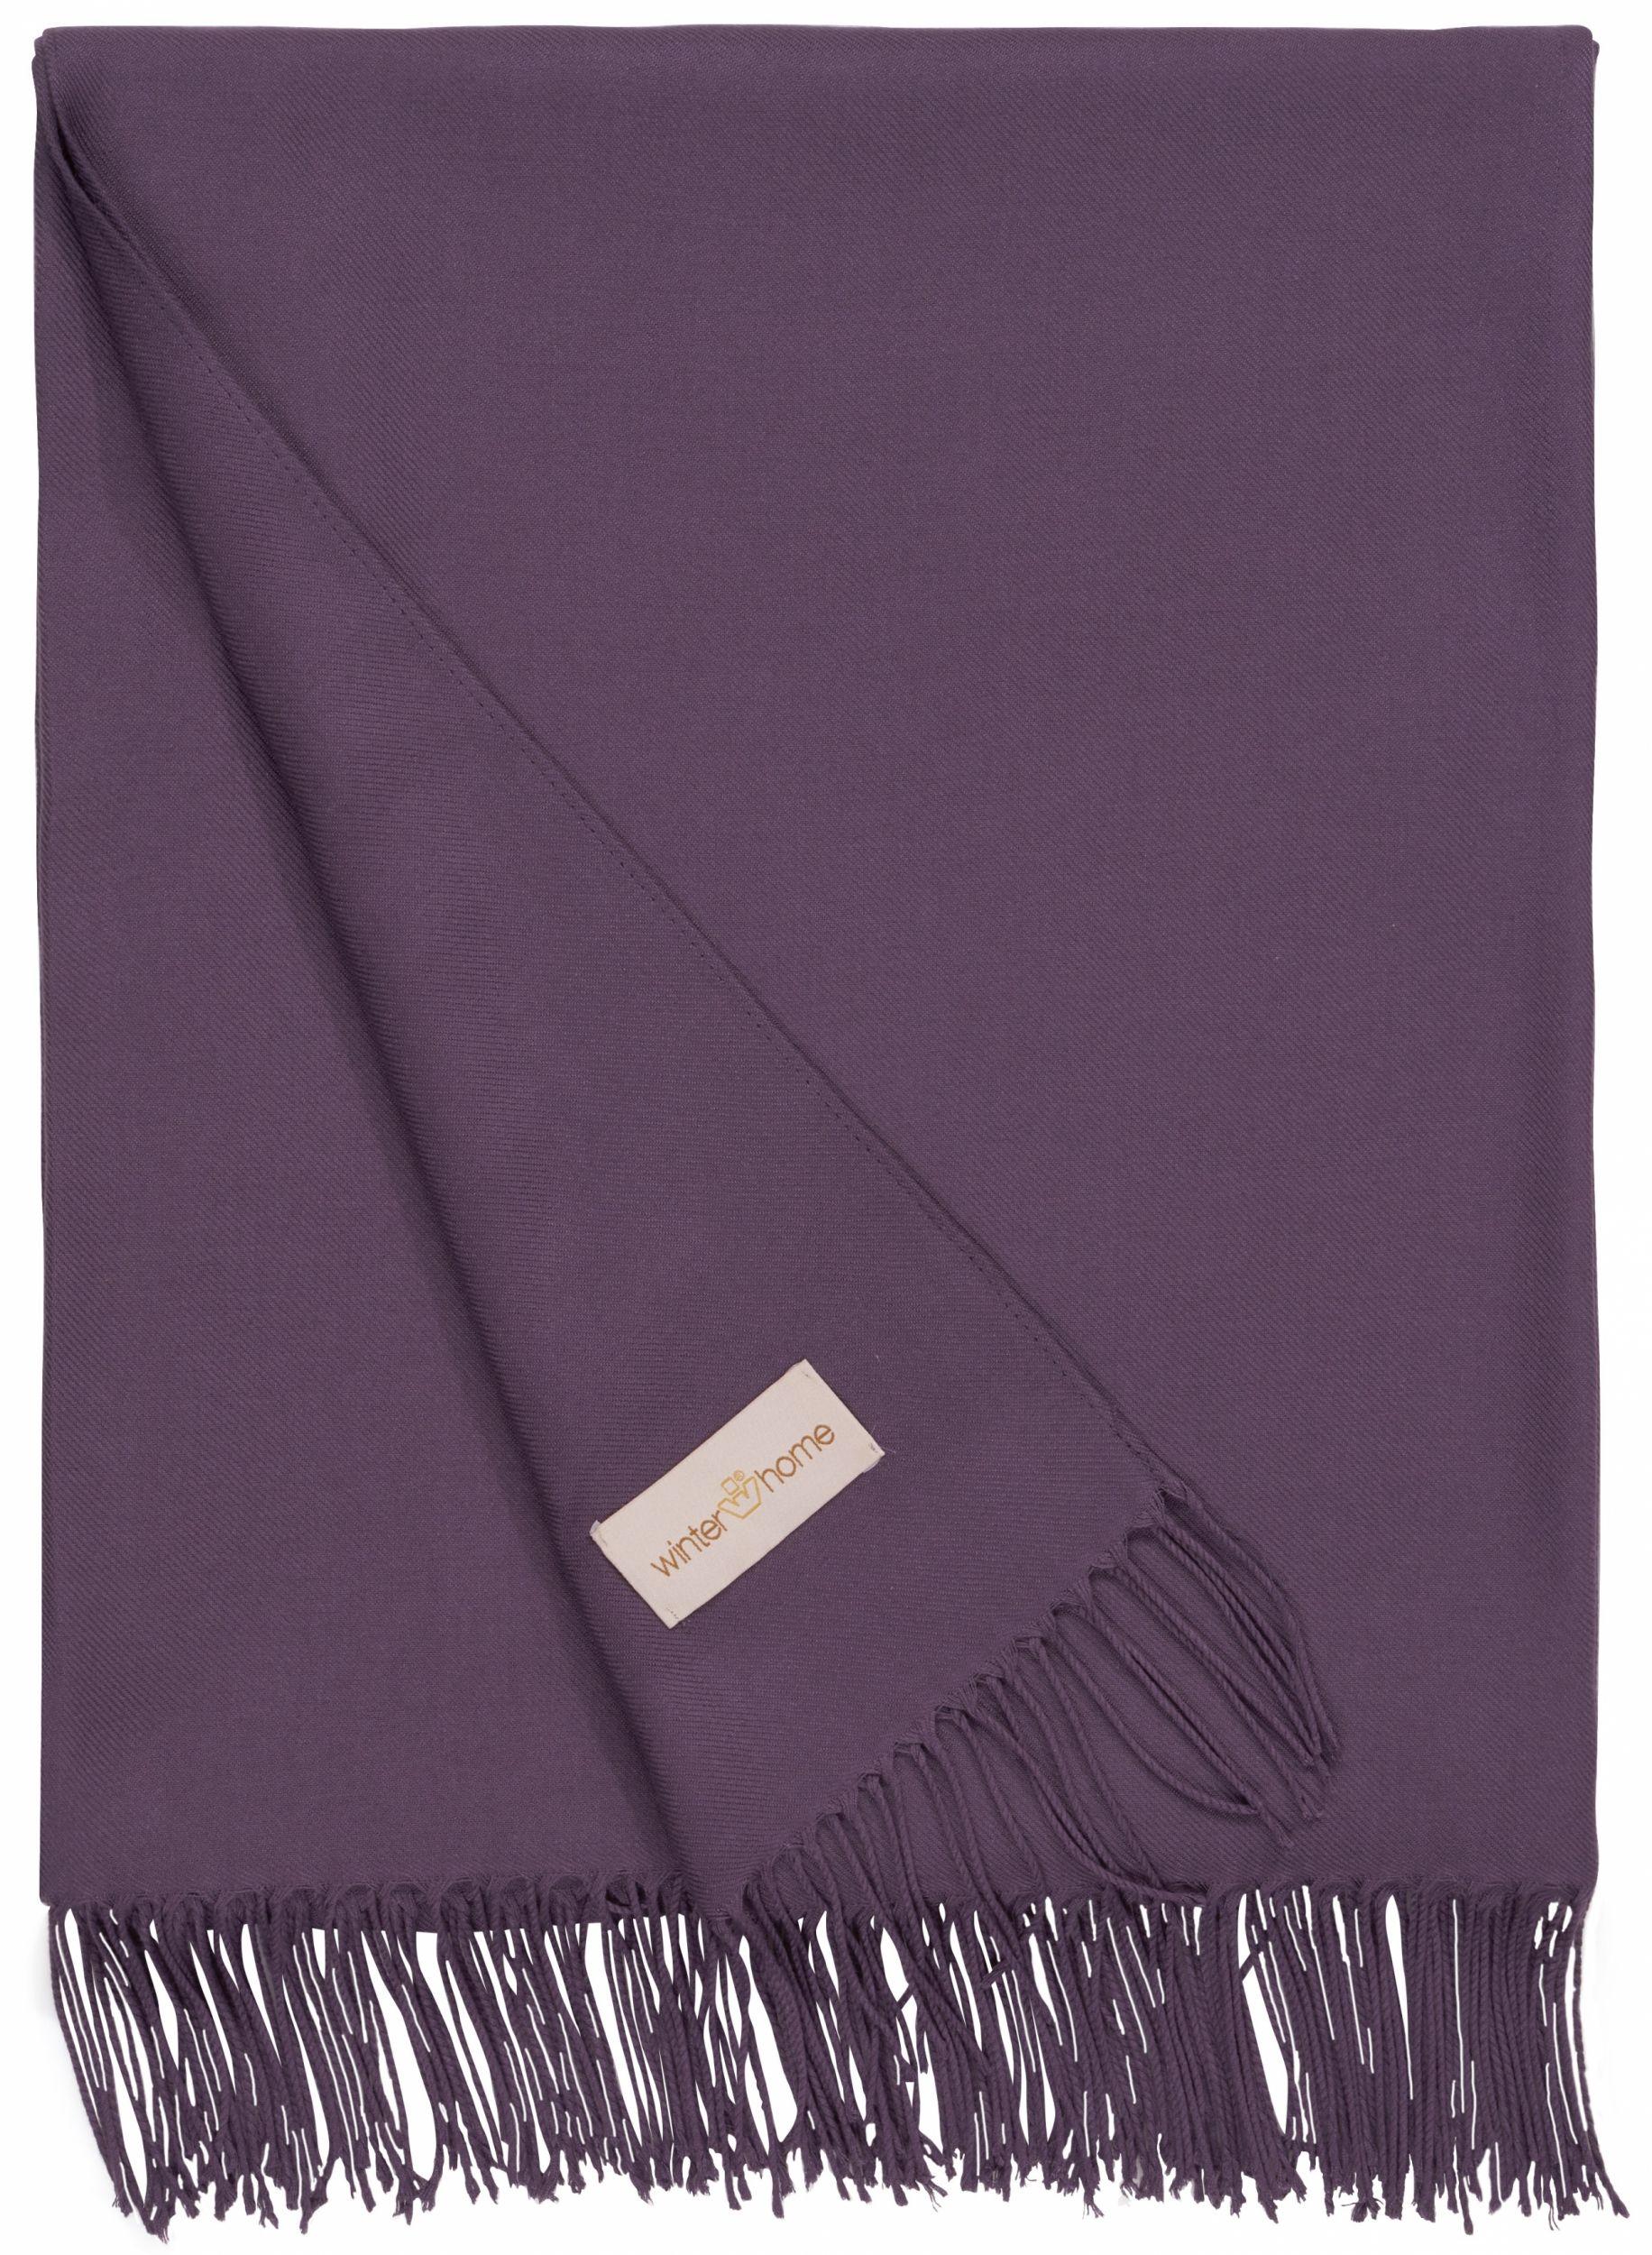 Decke Kyra Purple Winter Home Wohnzimmer Ideen Homedecor